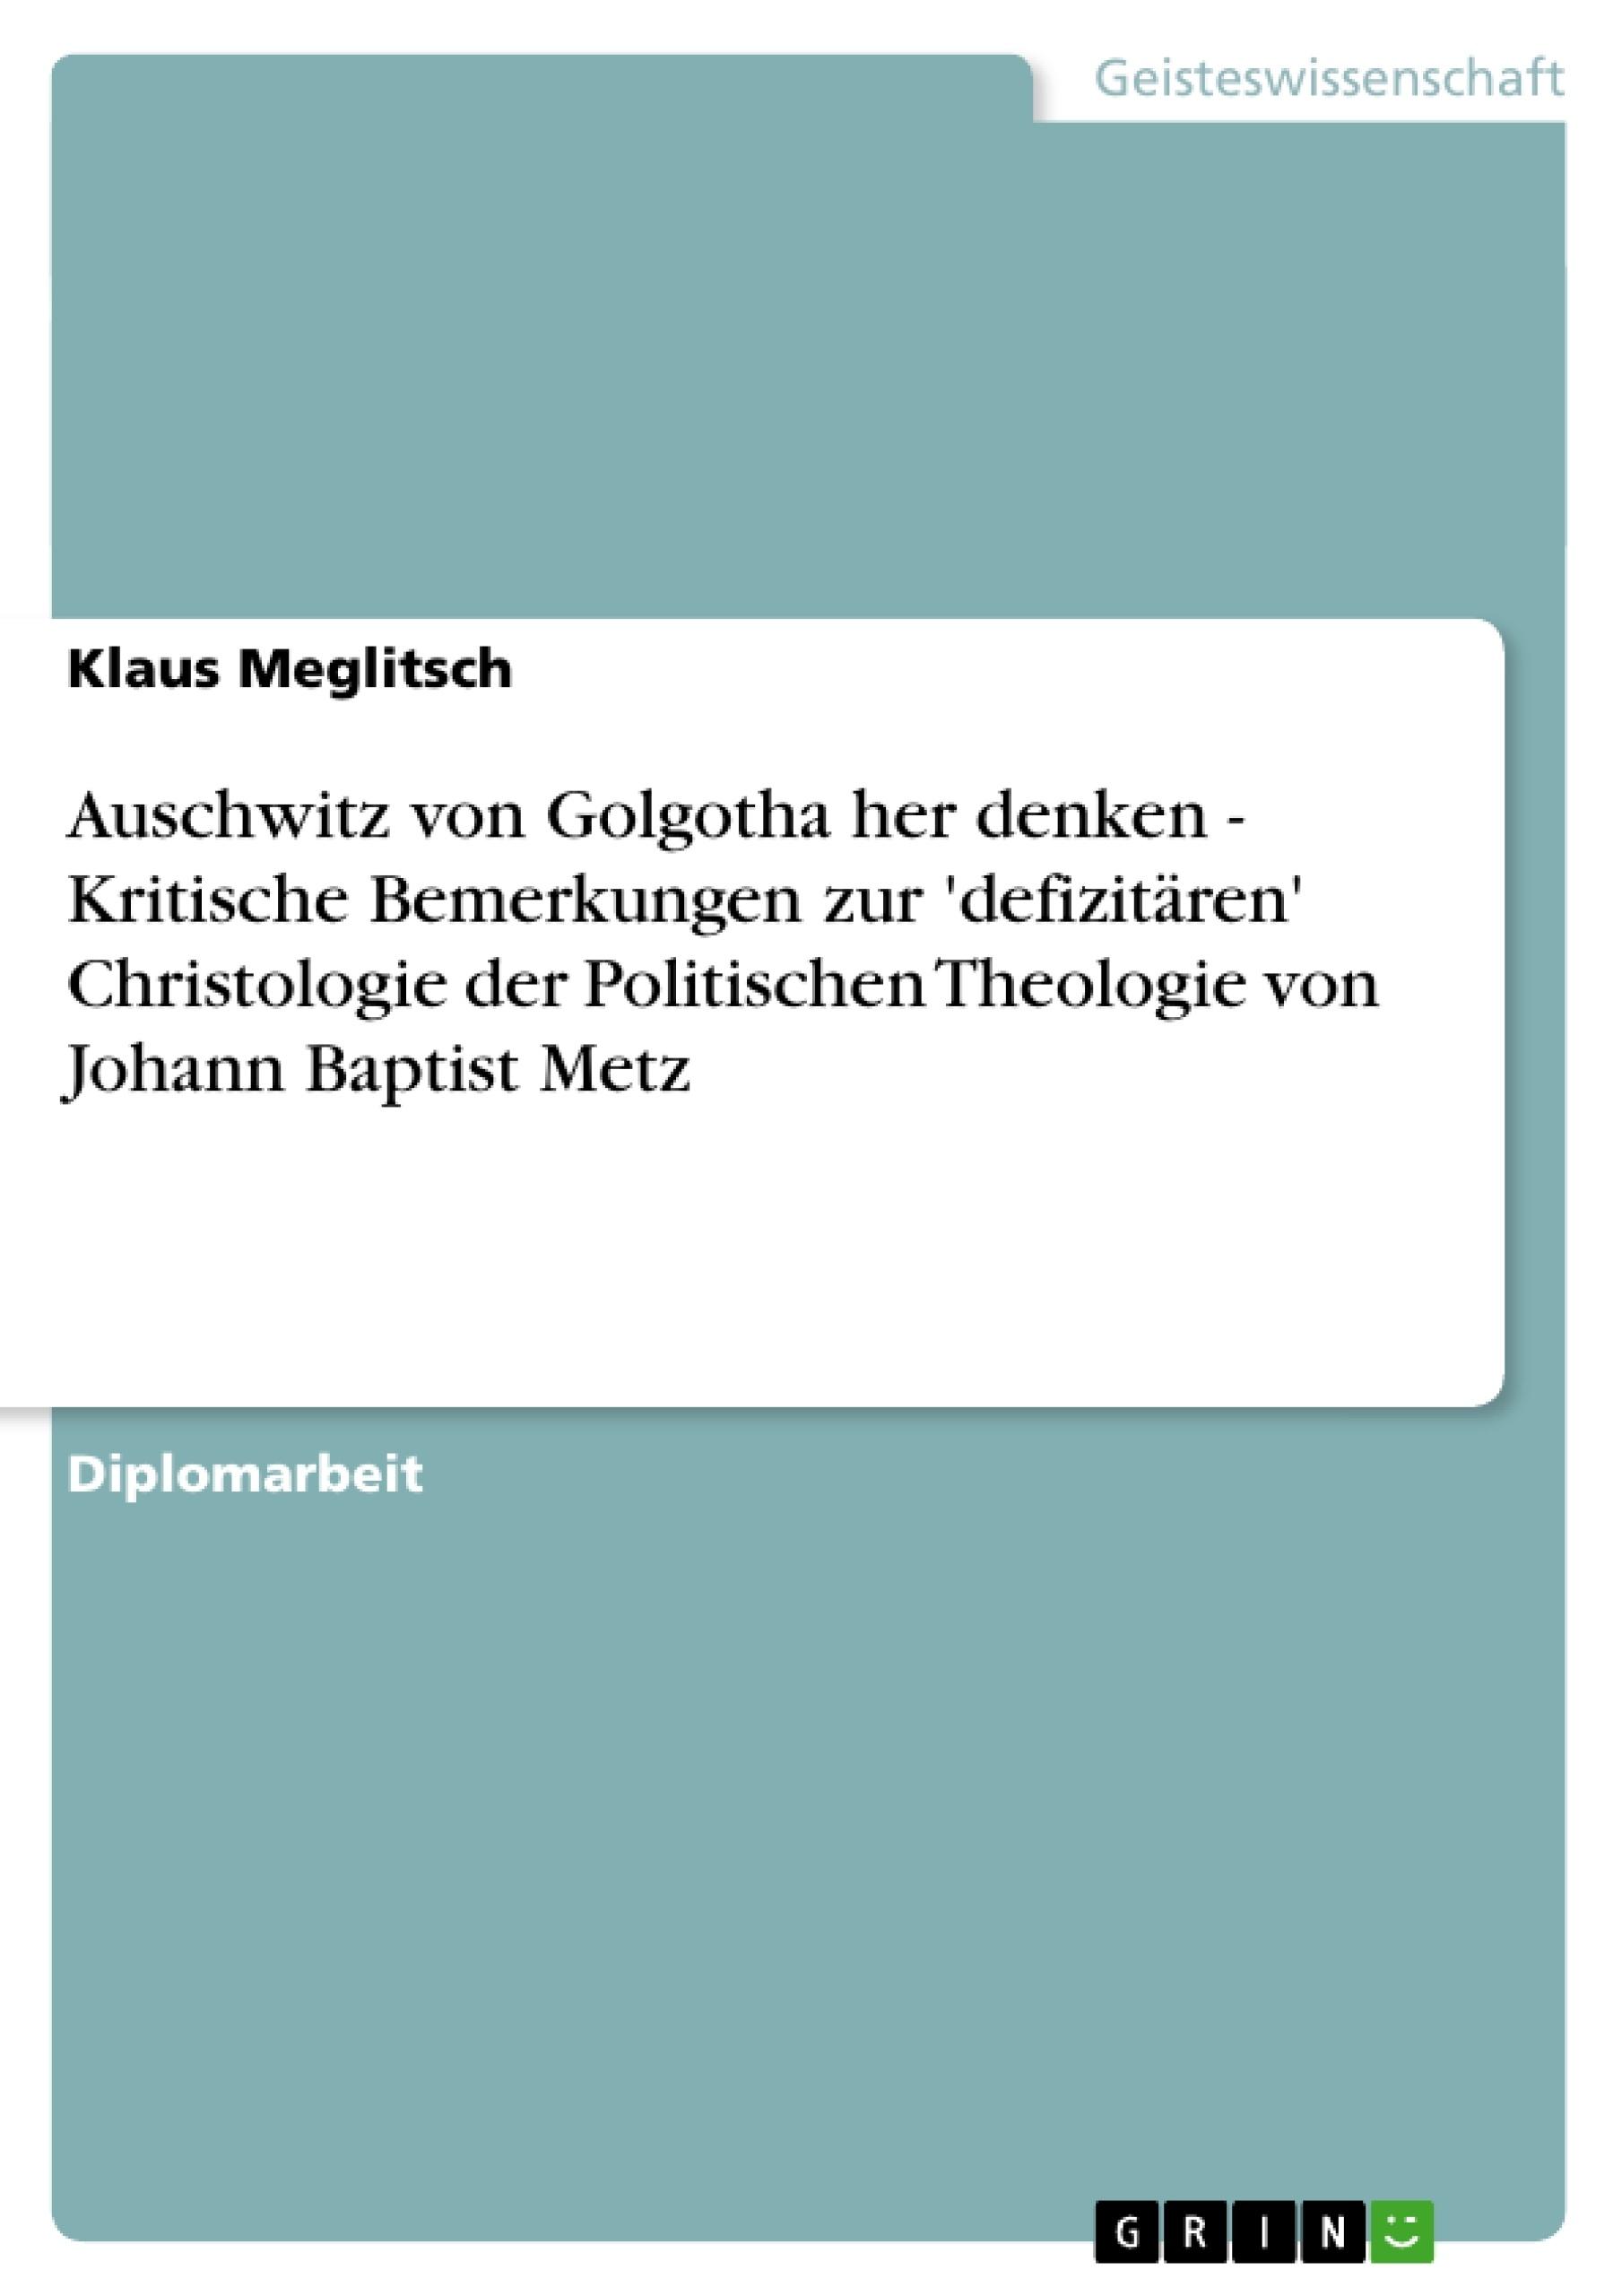 Titel: Auschwitz von Golgotha her denken - Kritische Bemerkungen zur 'defizitären' Christologie der Politischen Theologie von Johann Baptist Metz